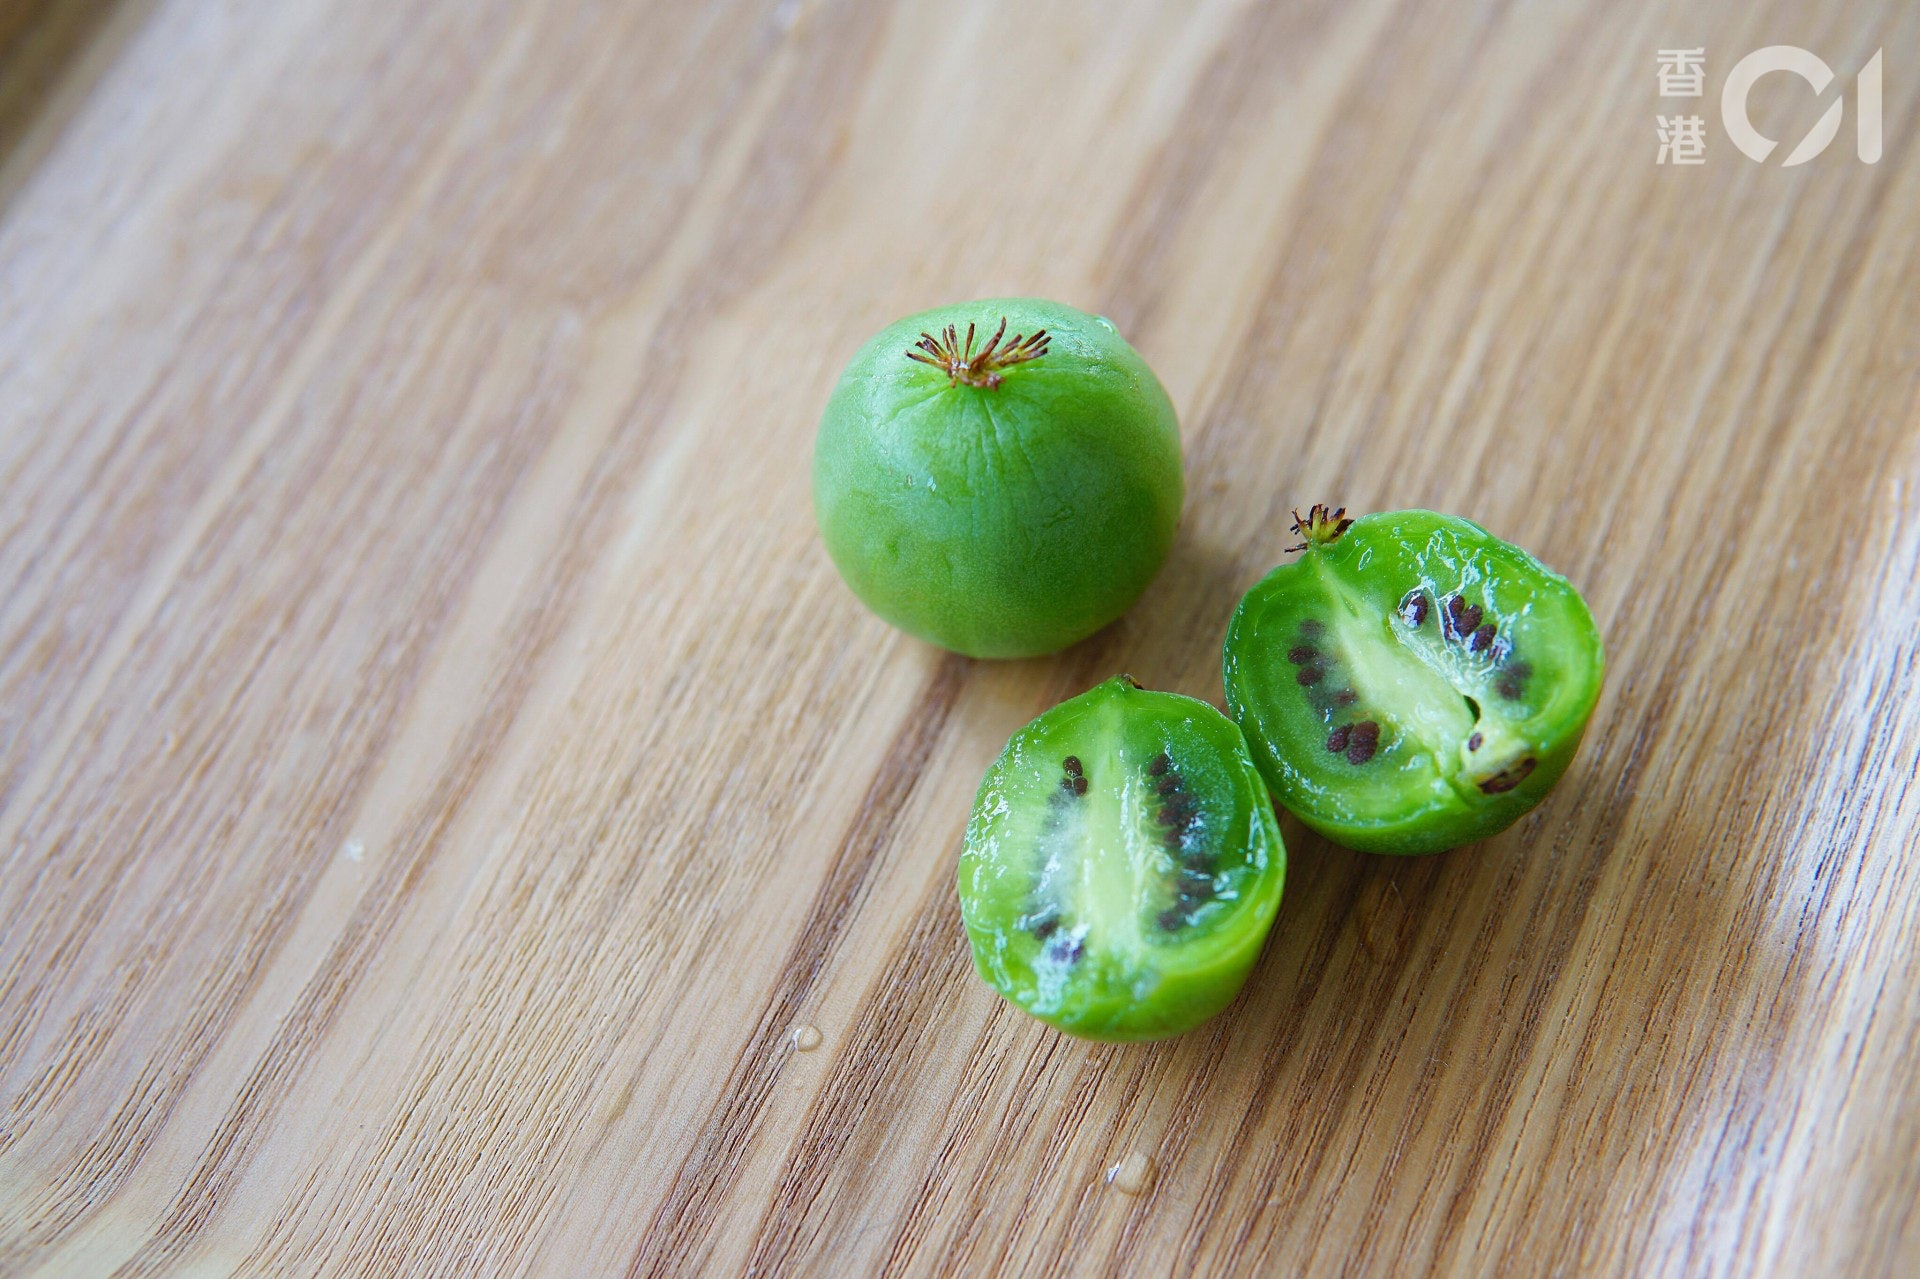 此外,奇異莓鉀質較高,腎病或洗腎人士宜控制食量。